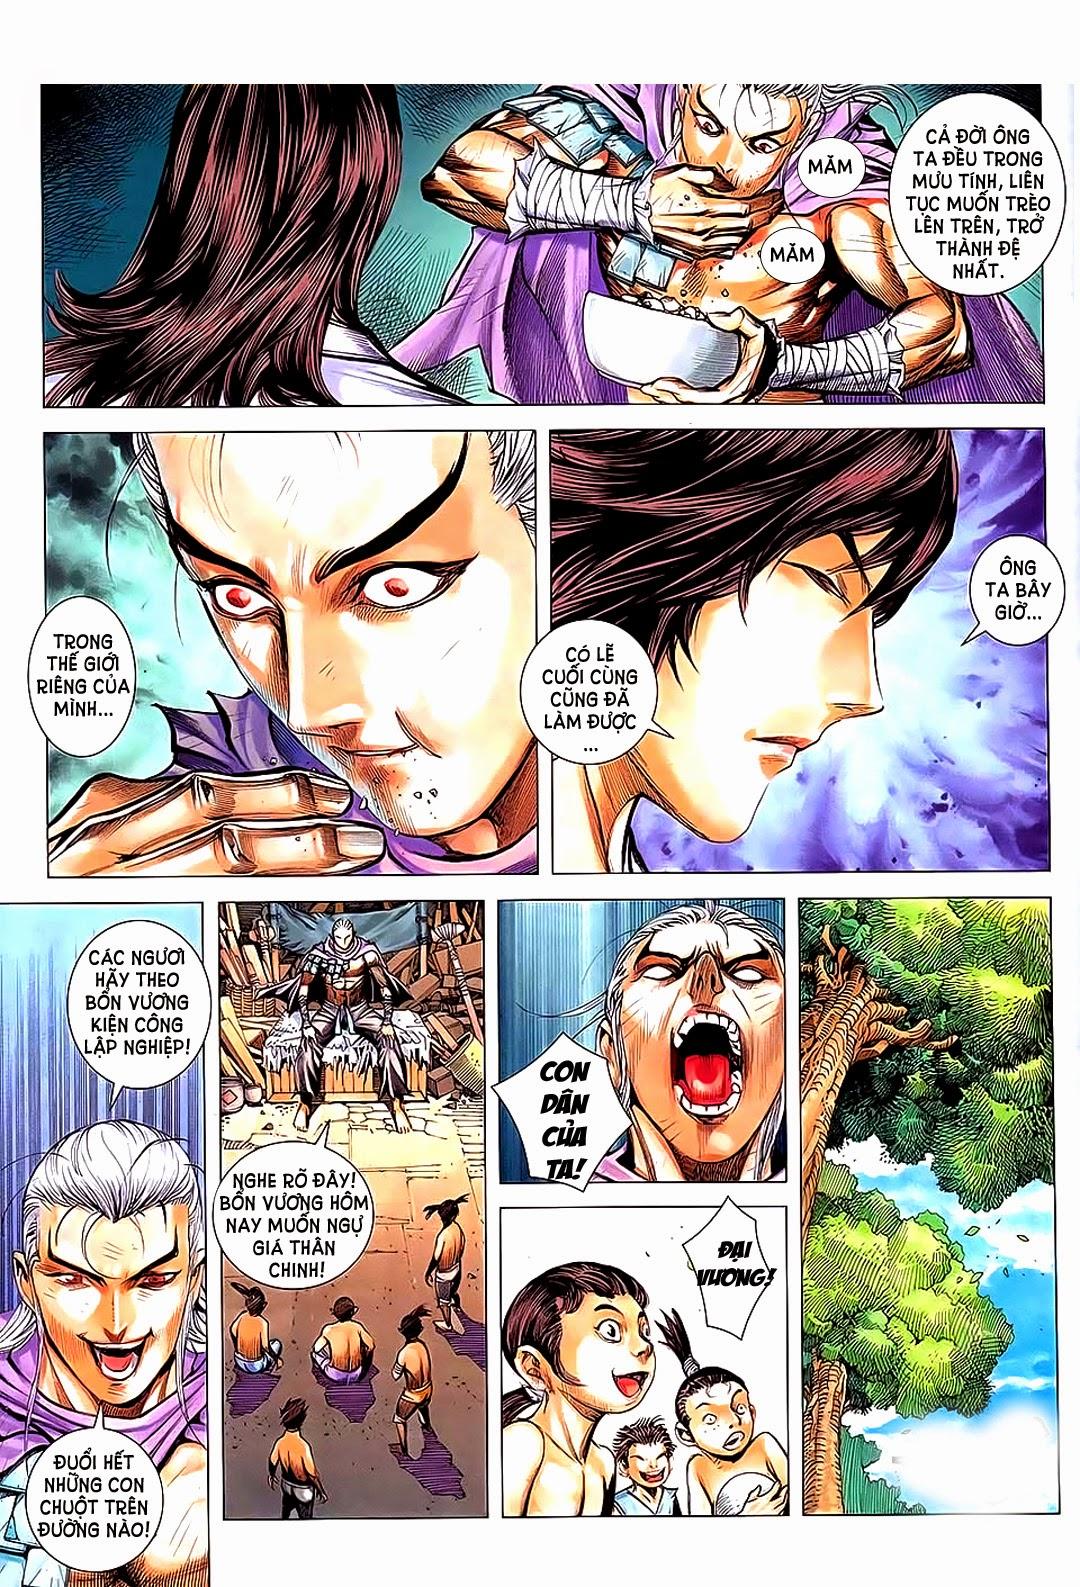 a3manga.com-phong-than-ky-7